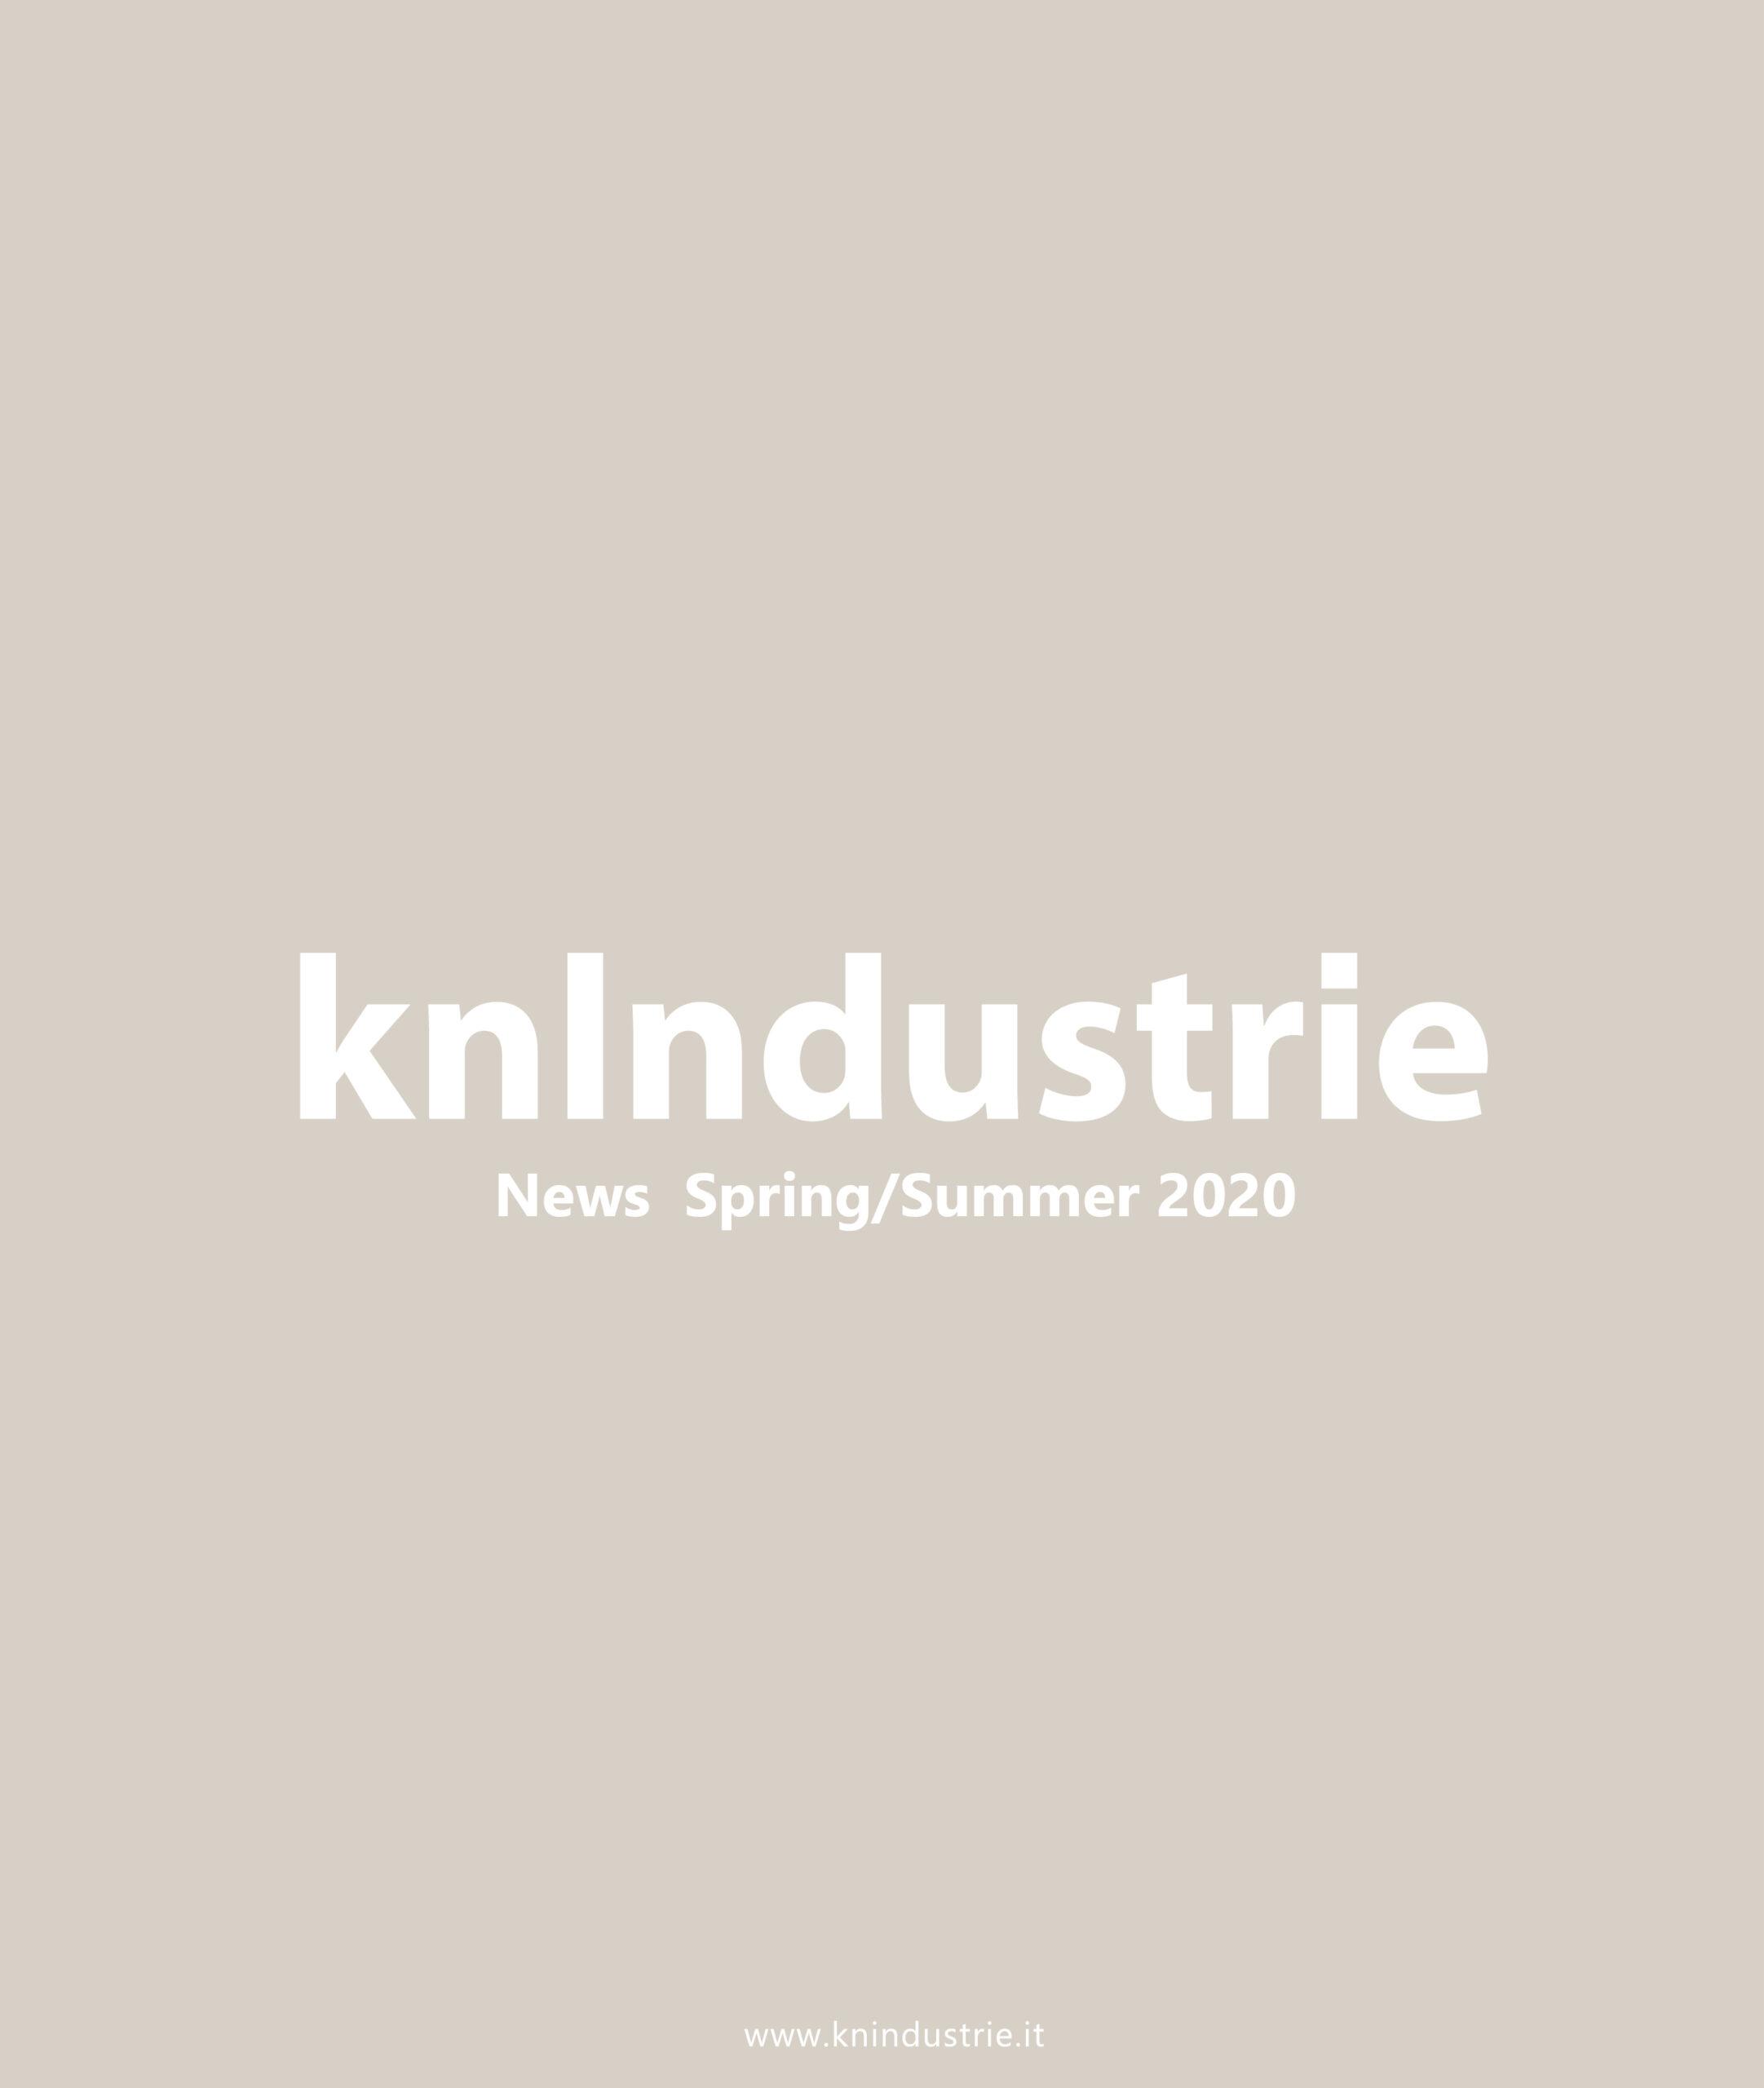 https://www.knindustrie.it/wp-content/uploads/2020/11/kn-news-ss-2020-scaled.jpg